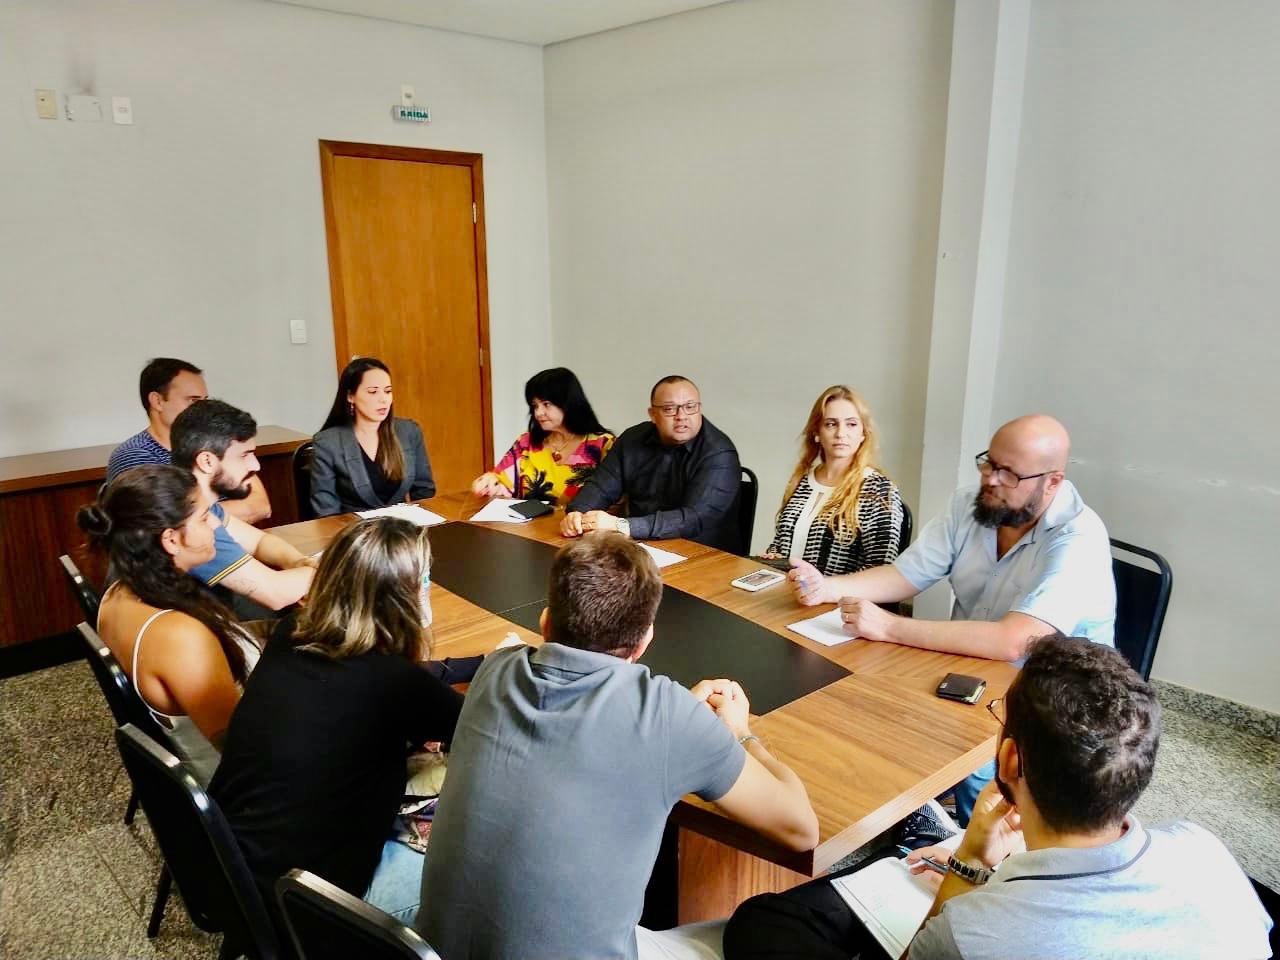 Imagem de destaque VISIBILIDADE PARA OS INVISÍVEIS - Prefeitura, Ministério Público e Fundação João Pinheiro vão realizar censo da população de rua de Montes Claros